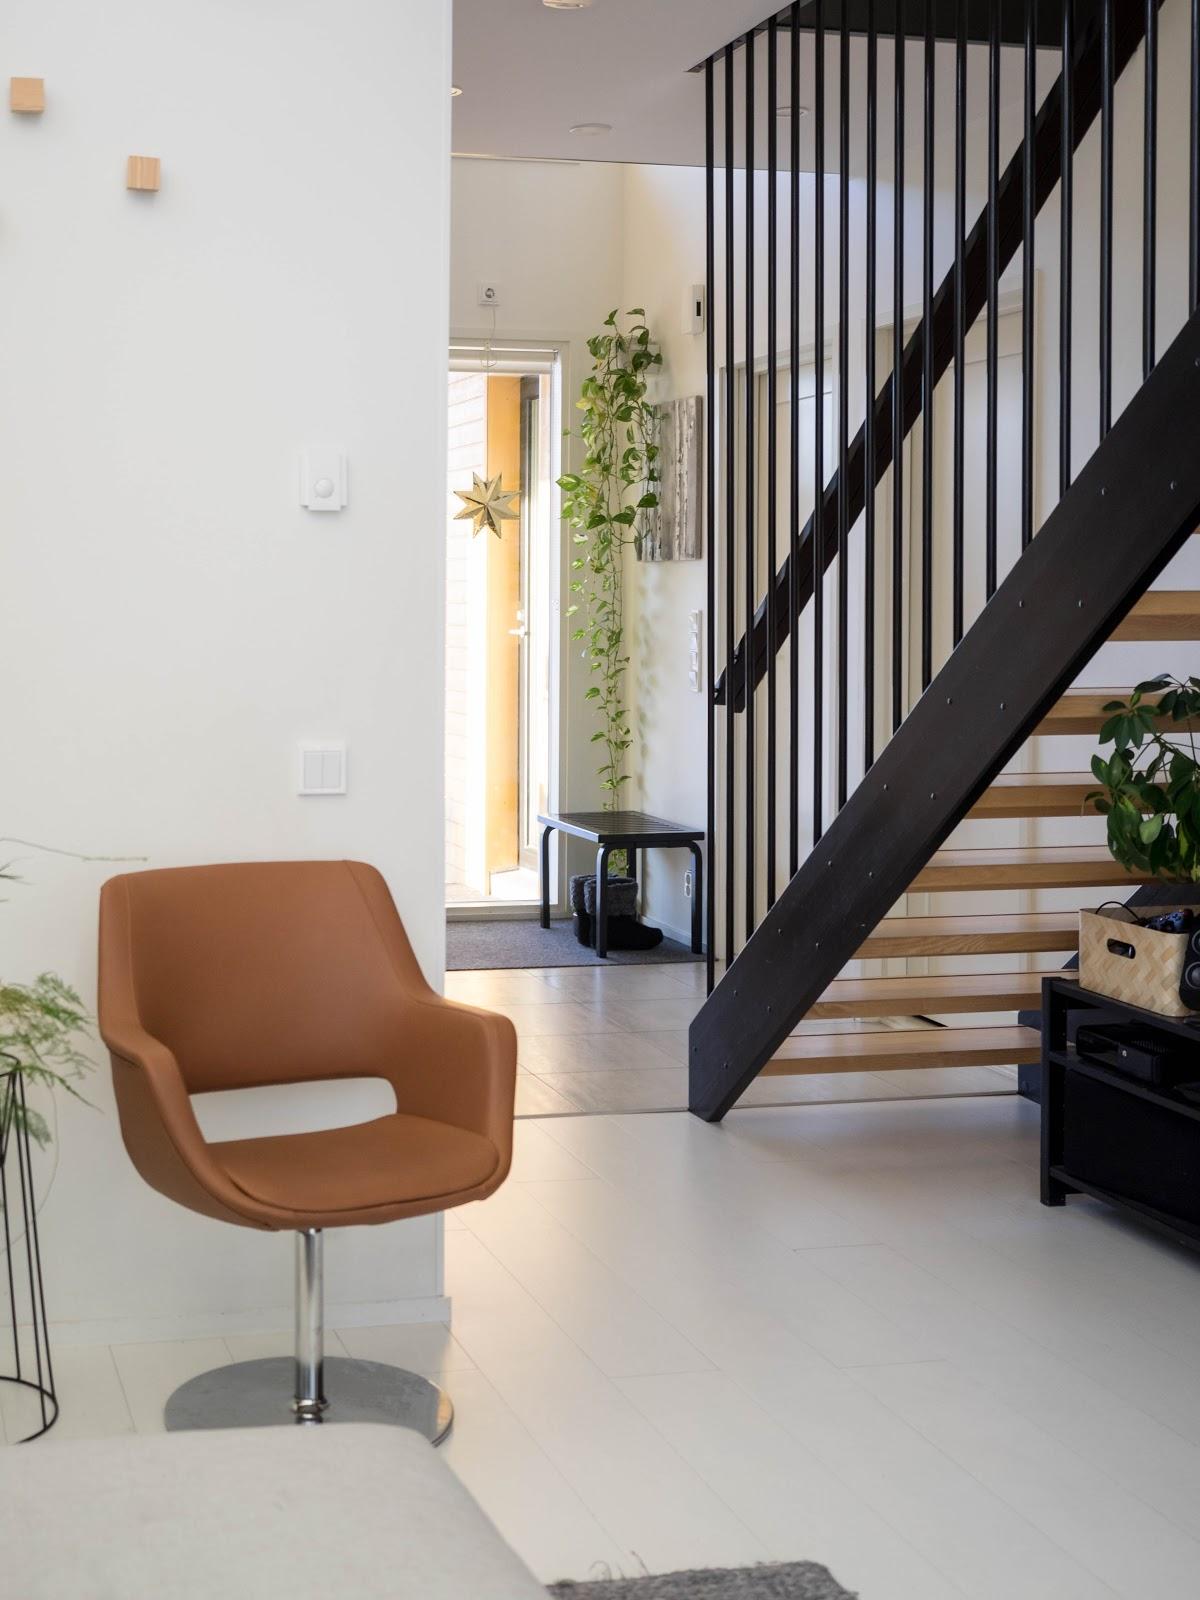 Talostakoti pinnakaide portaikko